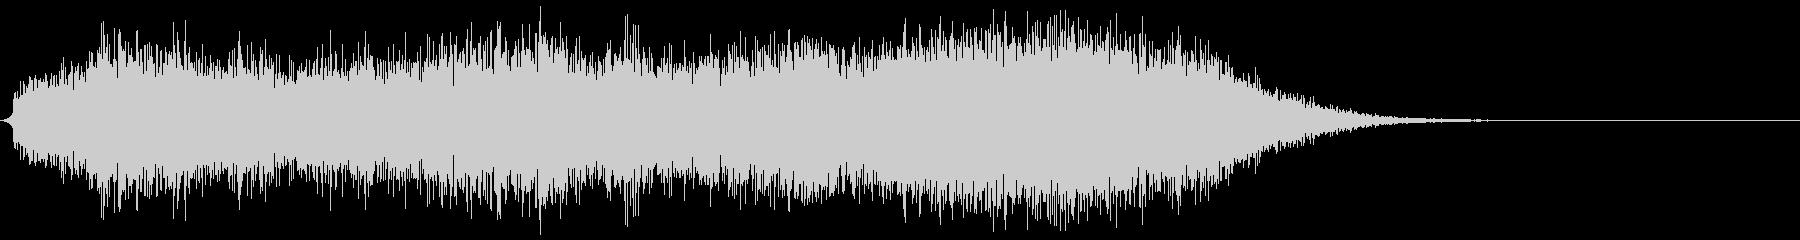 ホラー系効果音10の未再生の波形